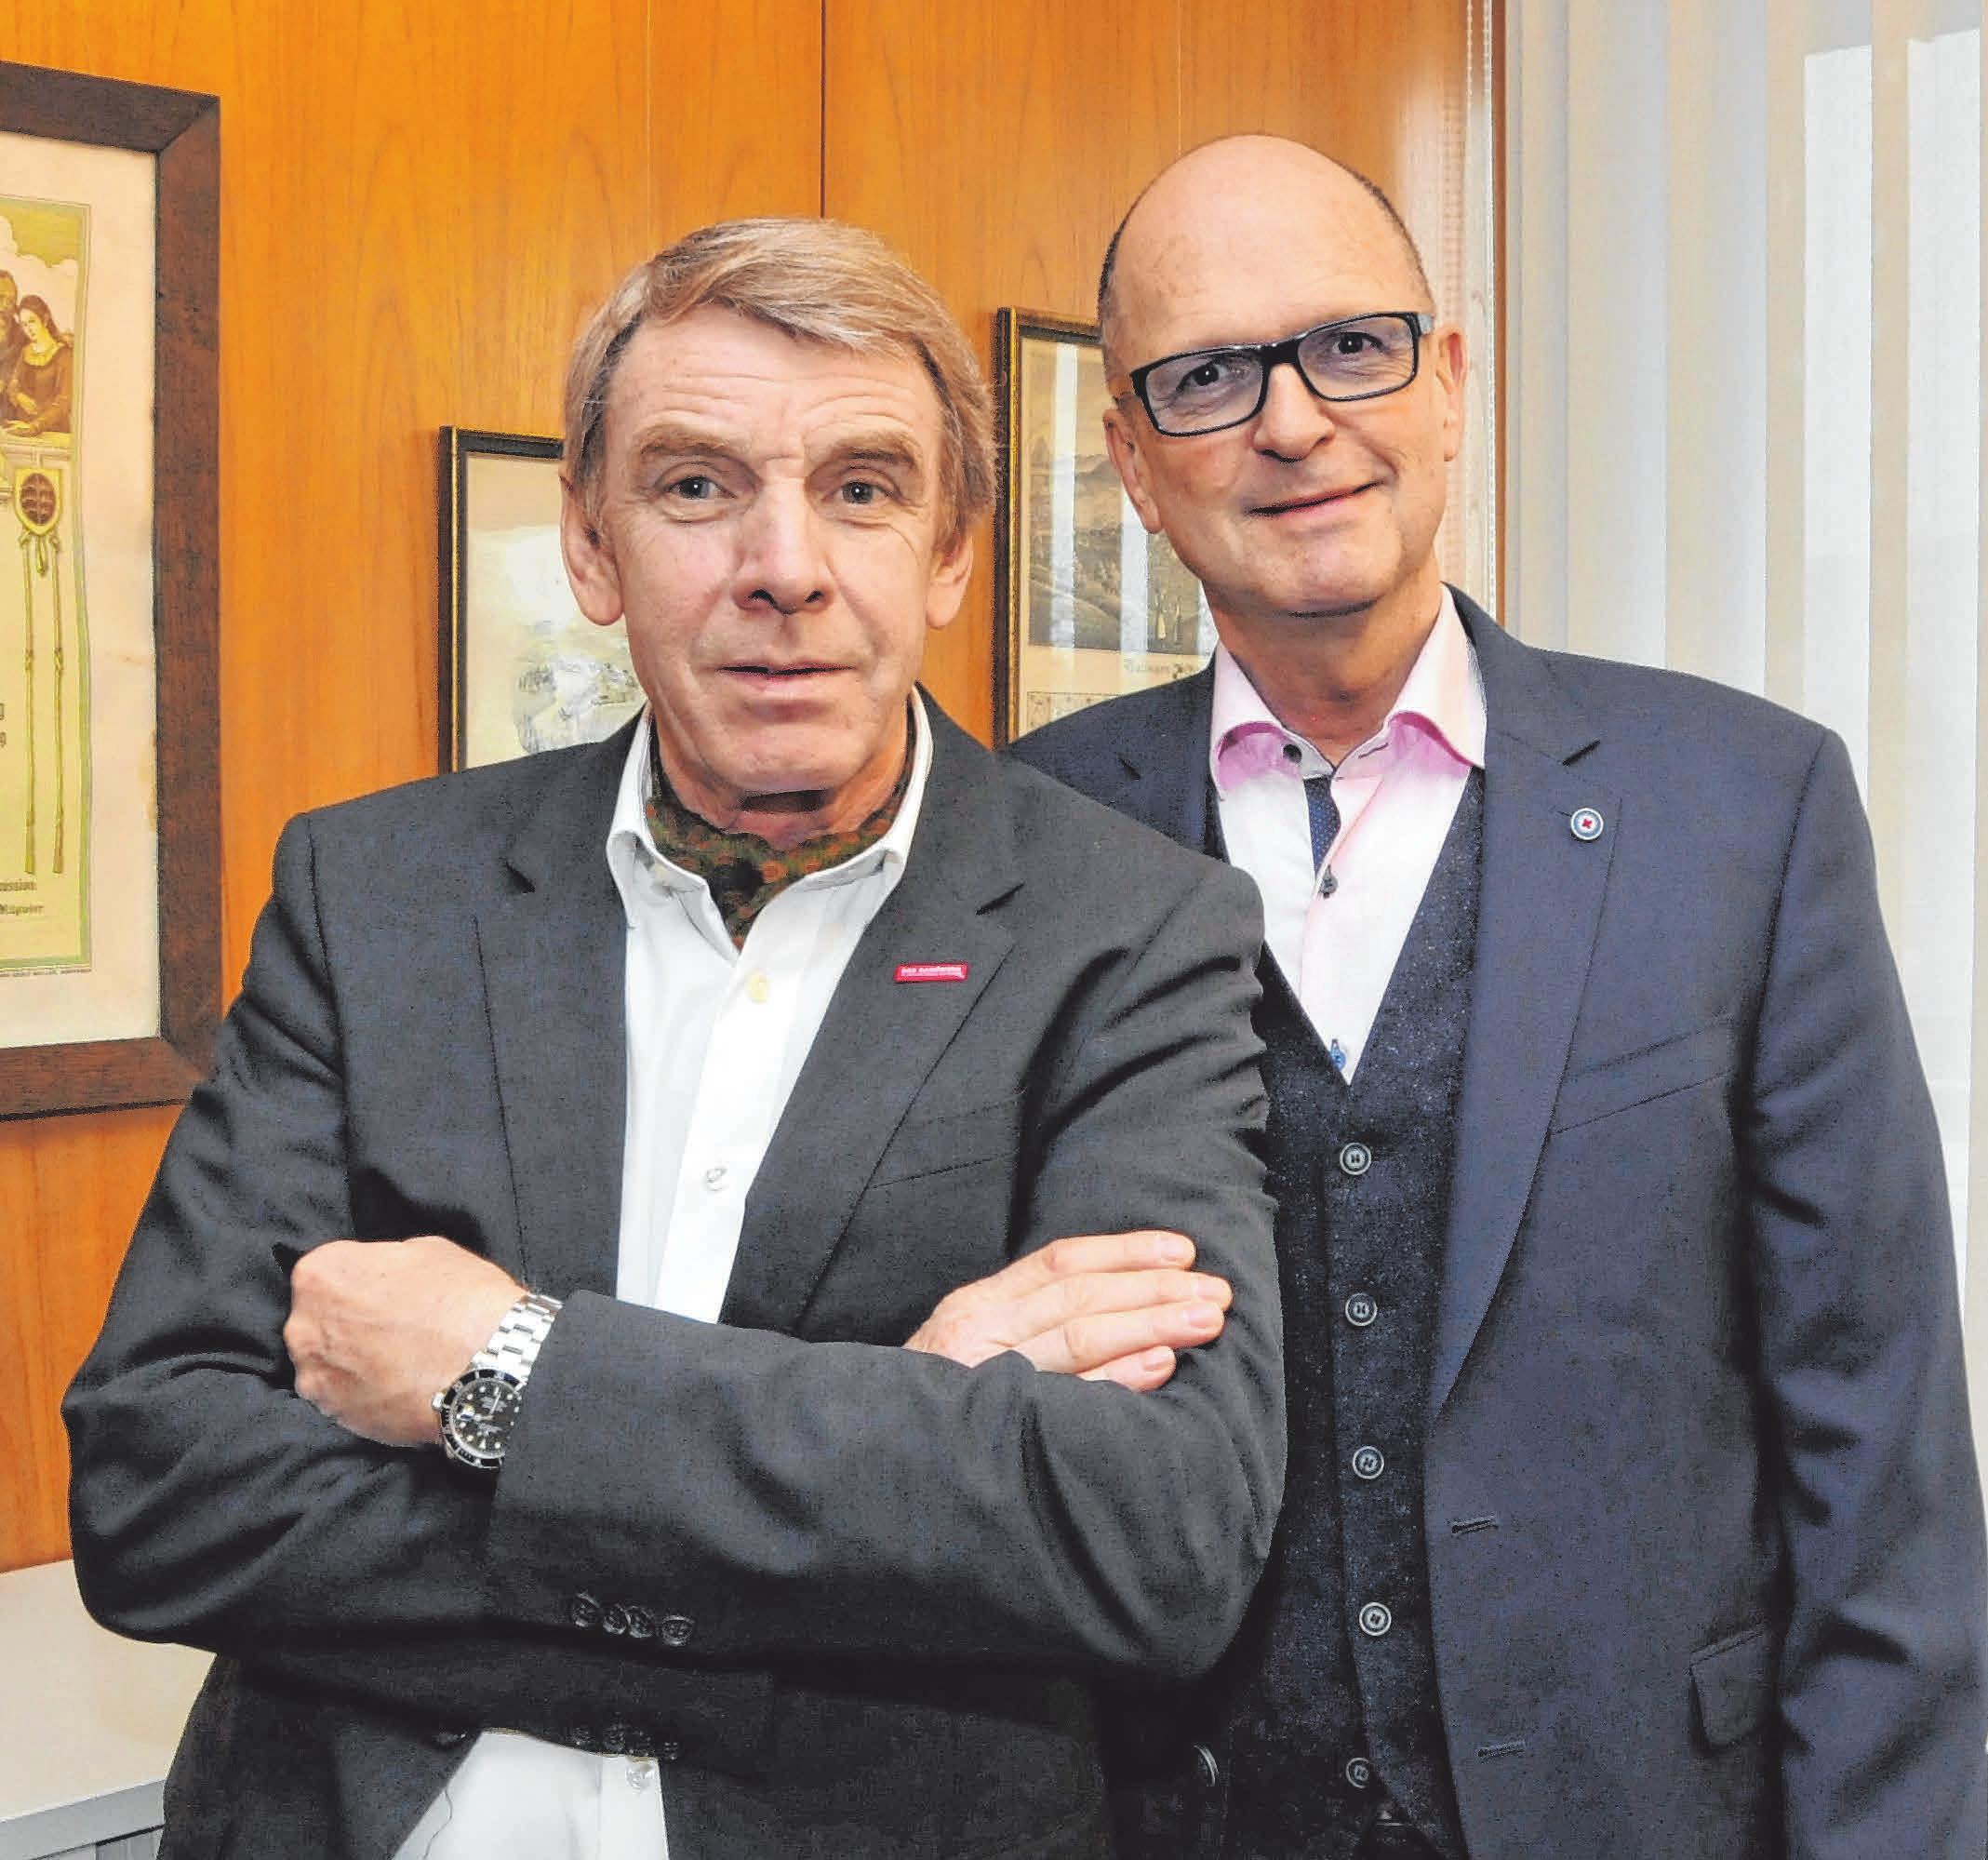 Präsident Harald Herrmann (l.) und Hauptgeschäftsführer Dr. Joachim Eisert bedauern, dass die besten Kammer-Azubis dieses Jahr nicht offiziell gefeiert werden können. Foto: pr